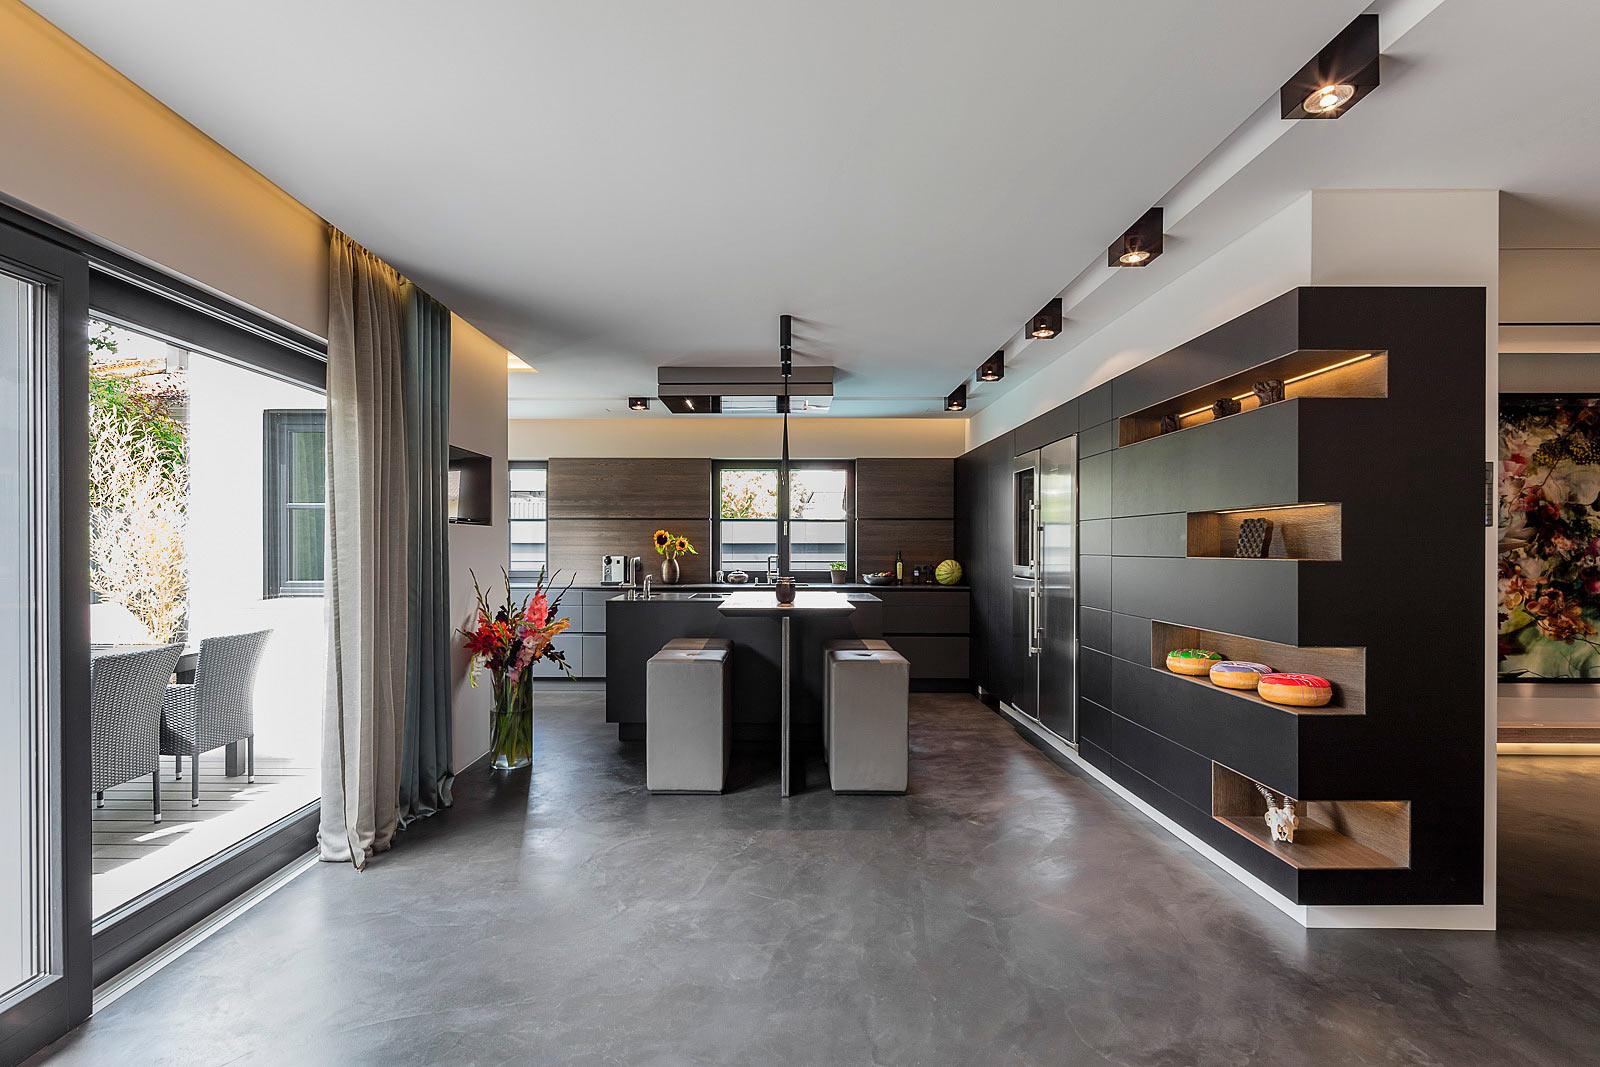 Architekturfotografie Innenraum, Interior, Küche mit high eating Berreich,